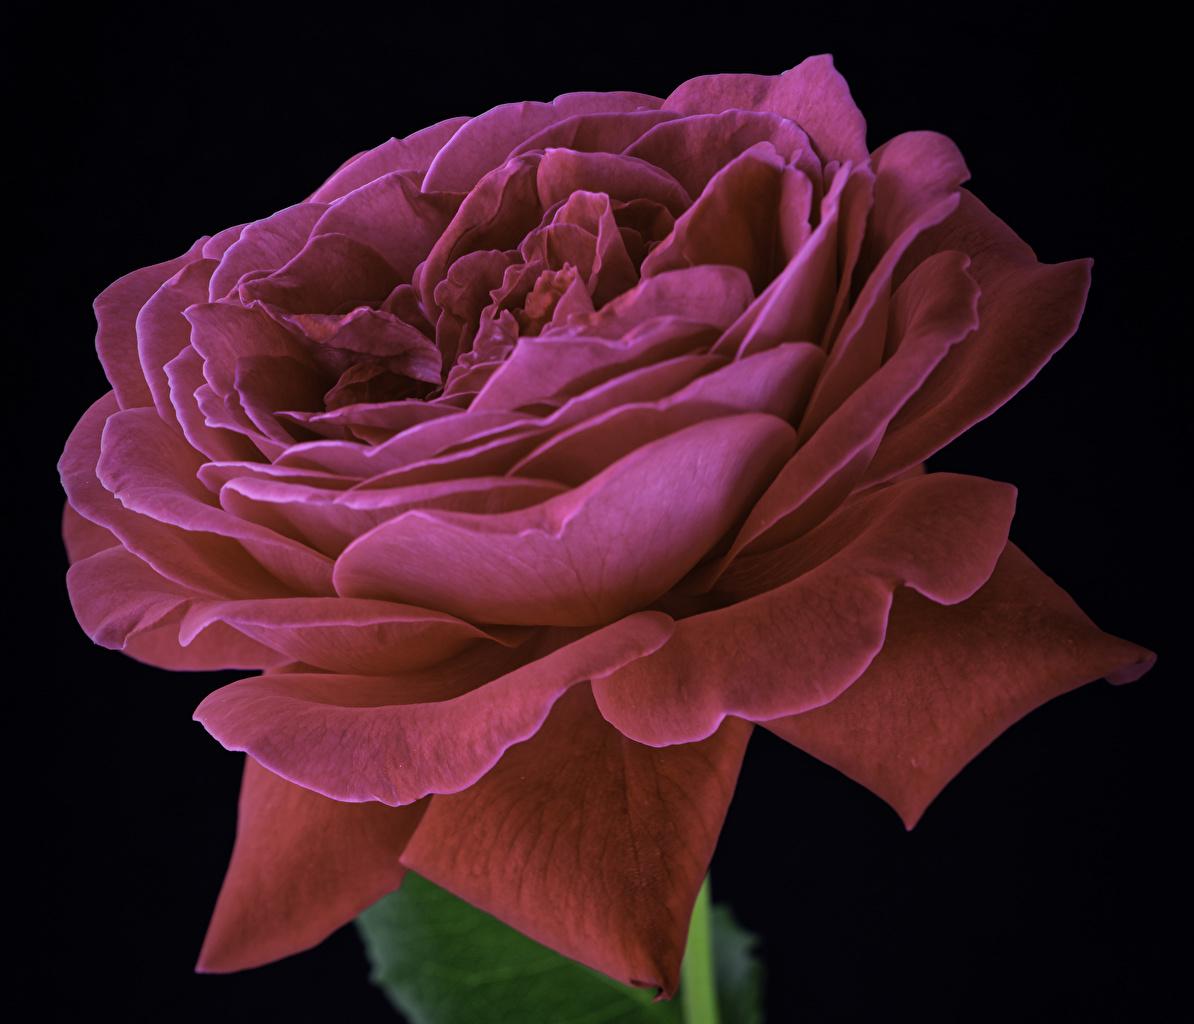 Картинки Розы Розовый Цветы на черном фоне Крупным планом роза розовых розовая розовые цветок вблизи Черный фон